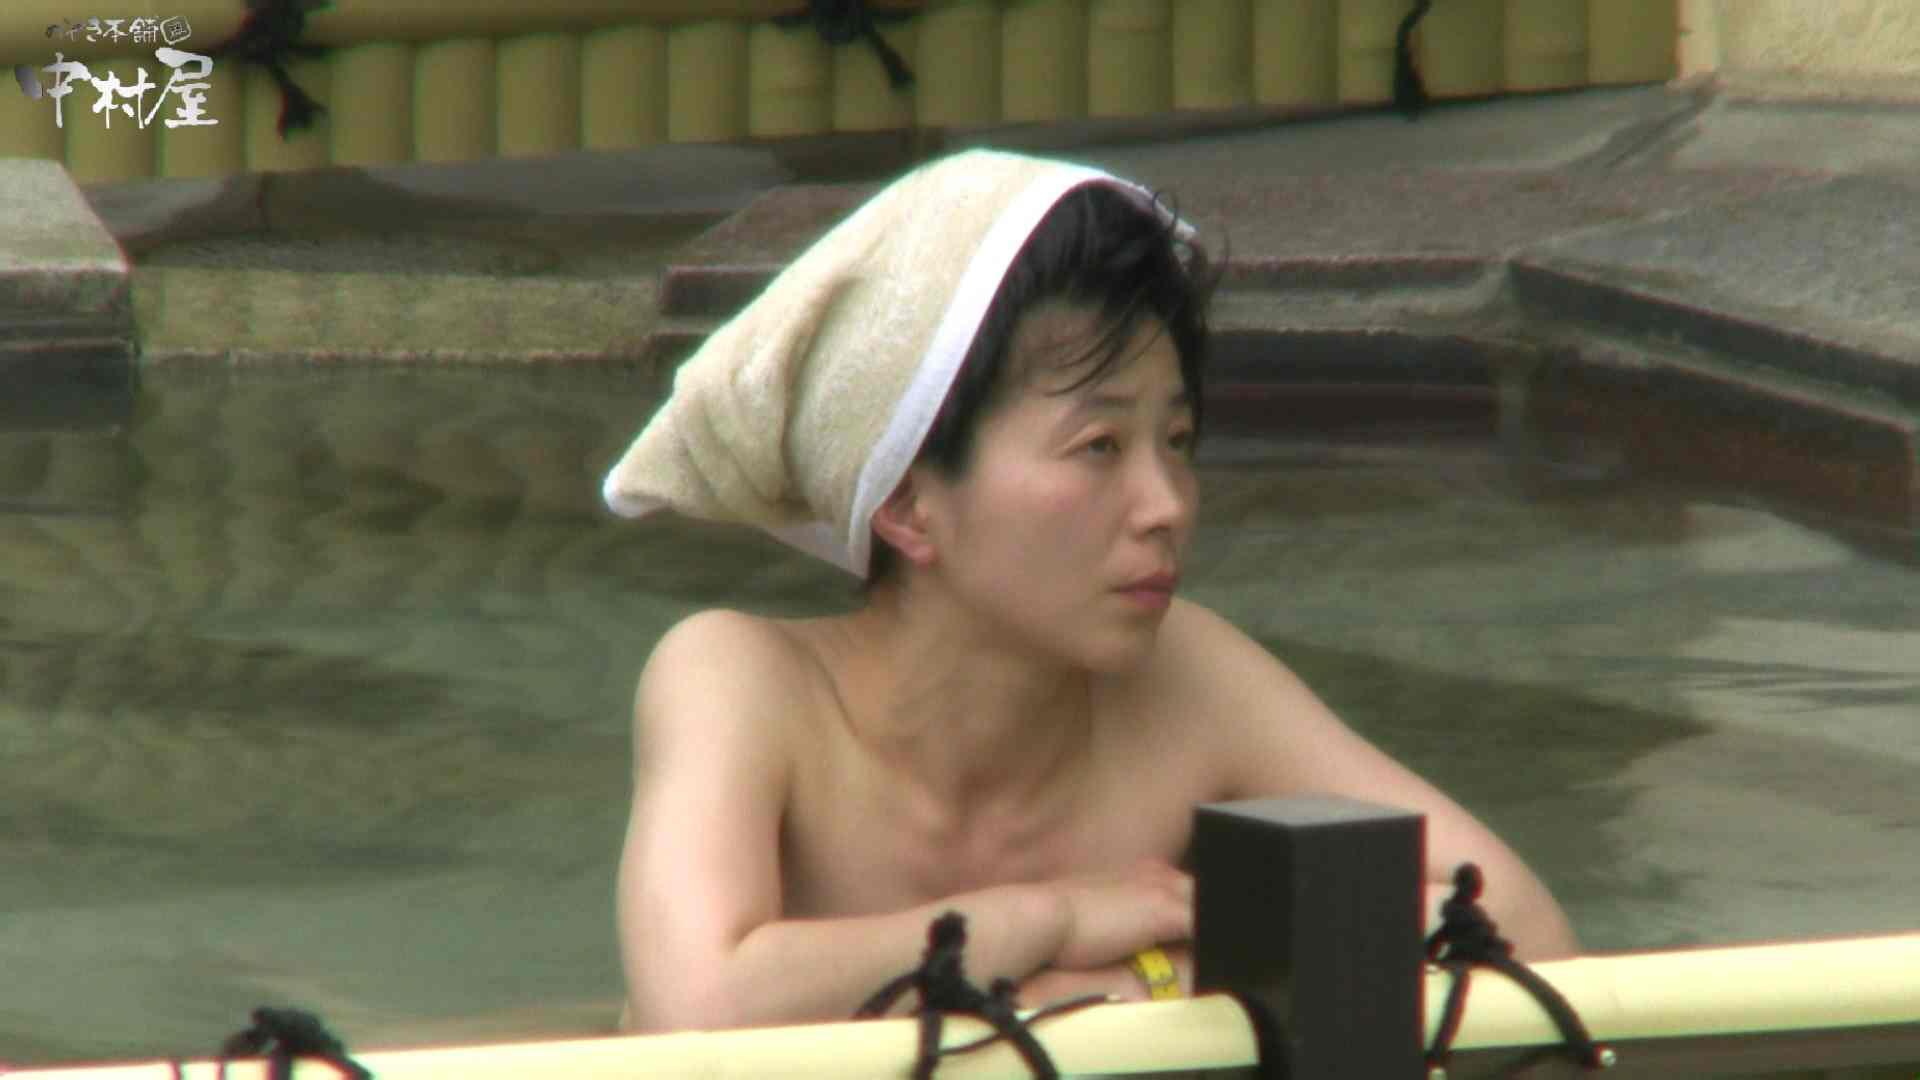 Aquaな露天風呂Vol.950 露天 | 盗撮  61画像 58